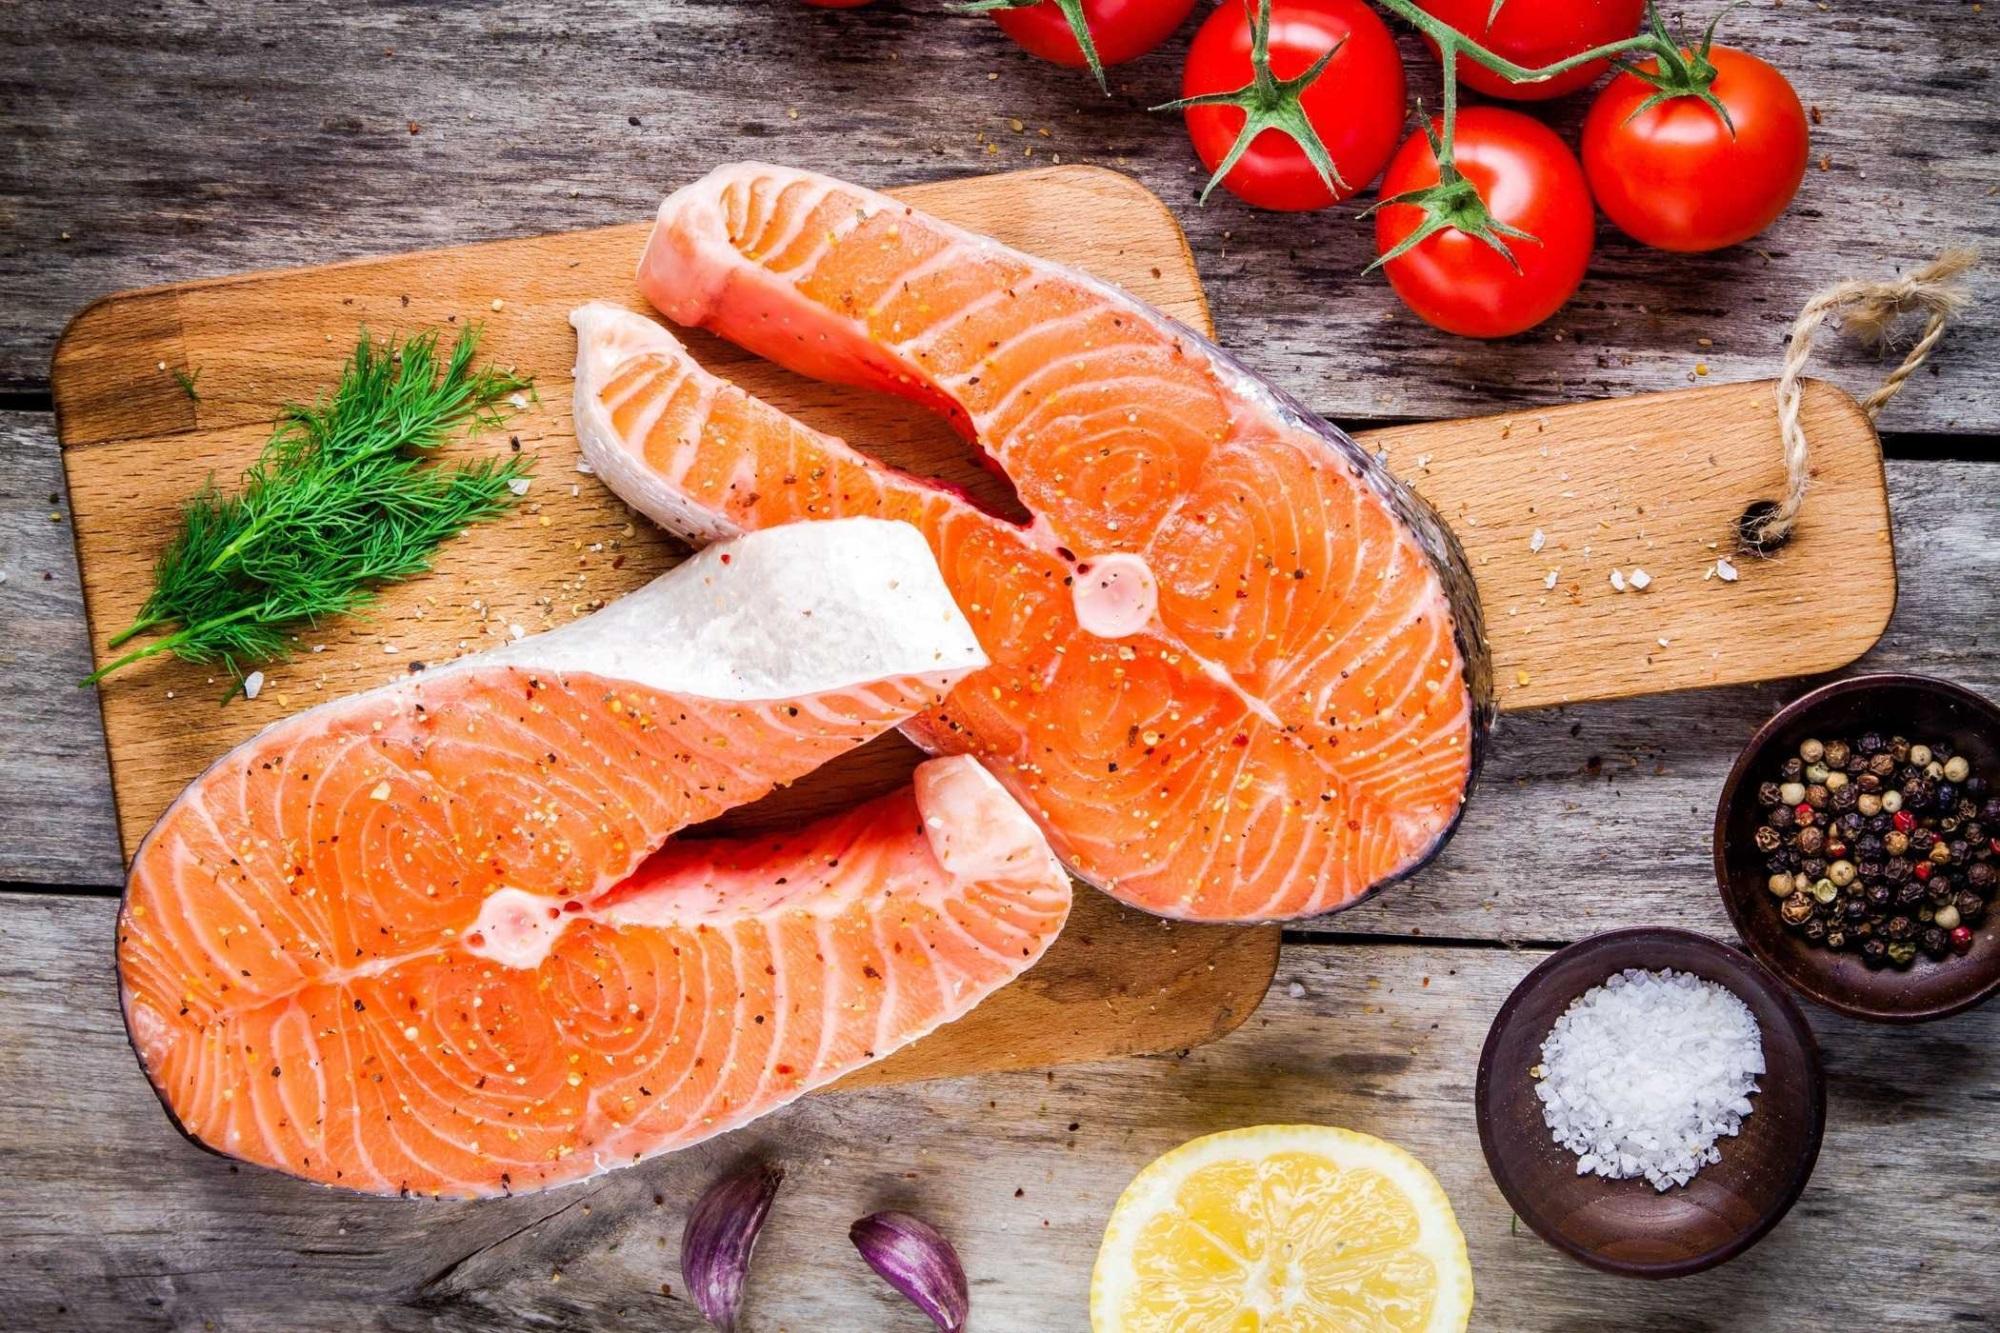 Cá hồi có chứa nhiều omega-3 tốt cho hệ tuần hoàn, giúp lưu thông máu đến cơ quan sinh dục tốt hơn